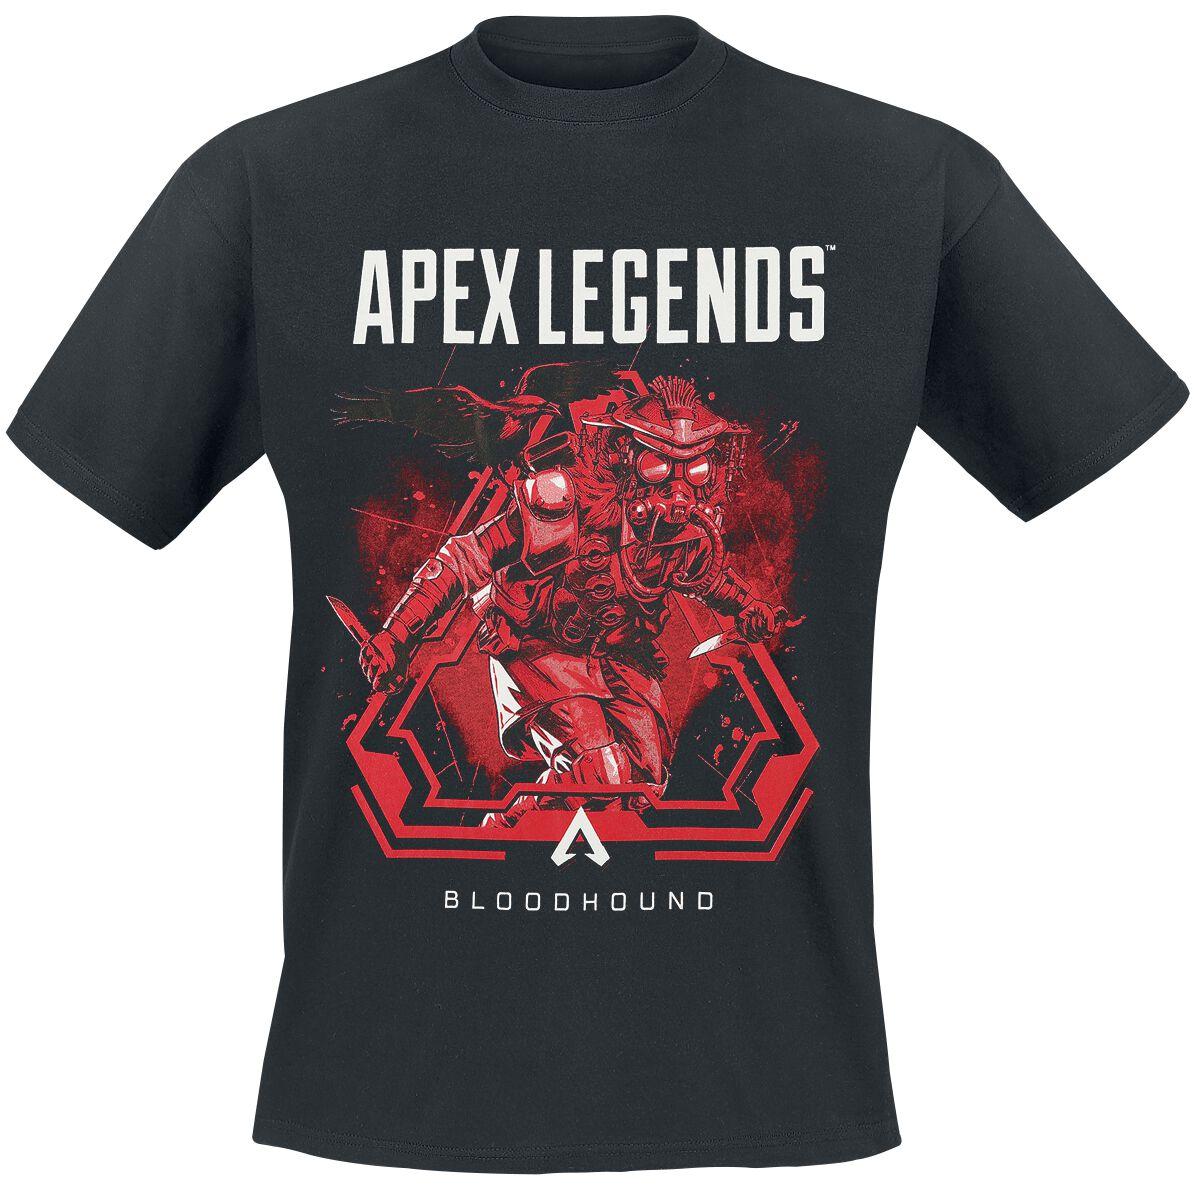 Image of Apex Legends Bloodhound T-Shirt schwarz